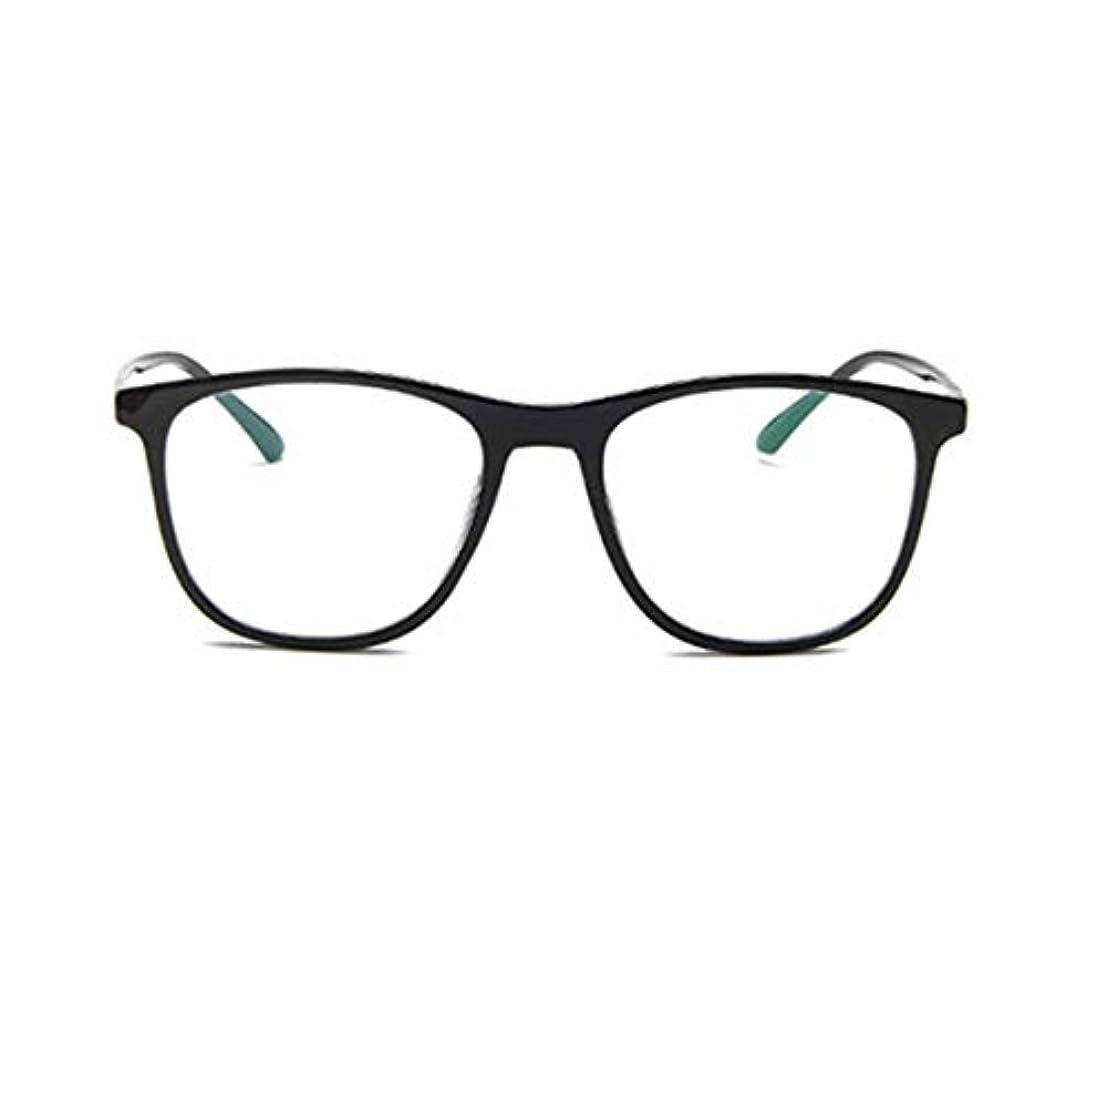 戻す教育学ハプニング韓国の学生のプレーンメガネの男性と女性のファッションメガネフレーム近視メガネフレームファッショナブルなシンプルなメガネ-ブライトブラック